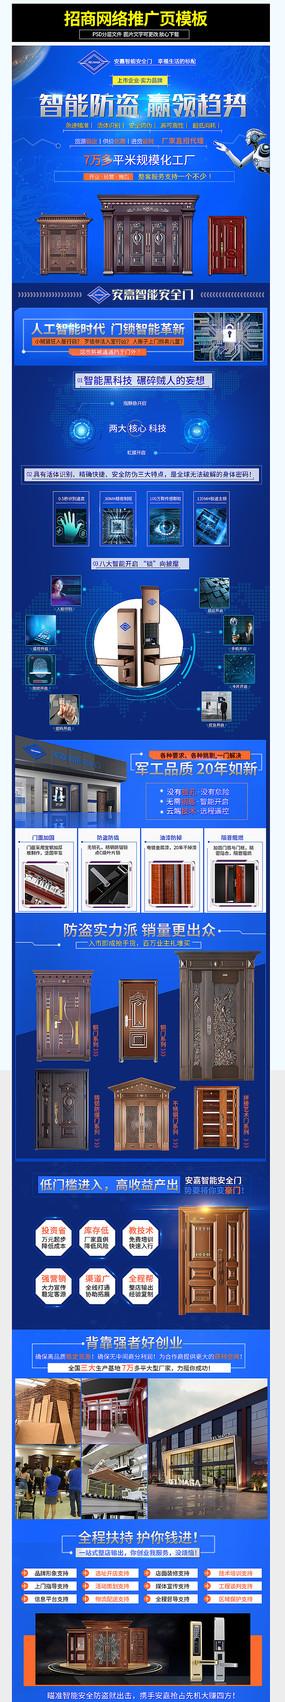 蓝色科技智能门页面设计 PSD